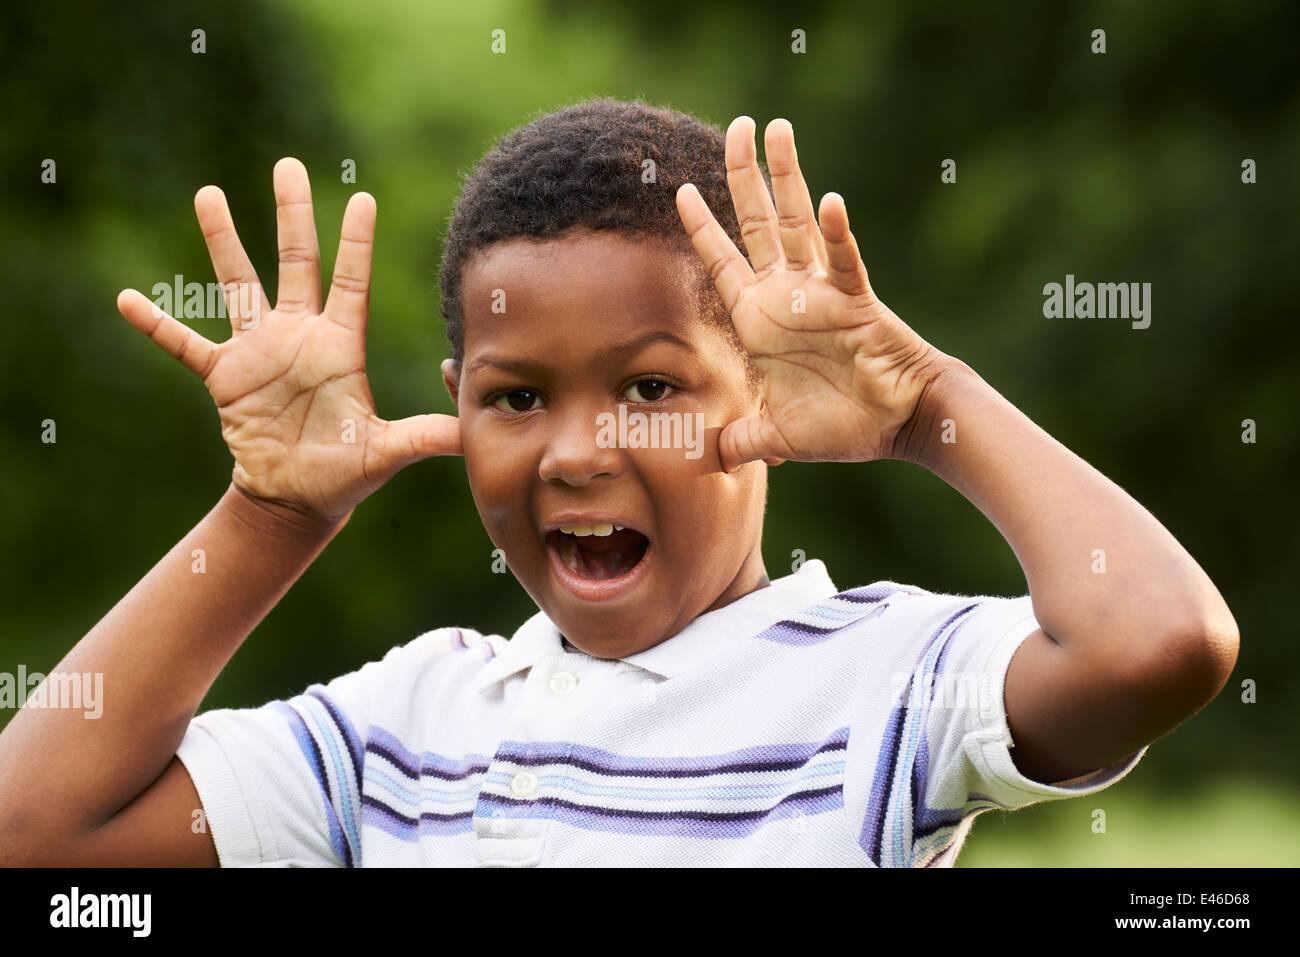 Portrait of happy black enfant faisant un visage grimaçant et à l'appareil photo à l'extérieur Photo Stock